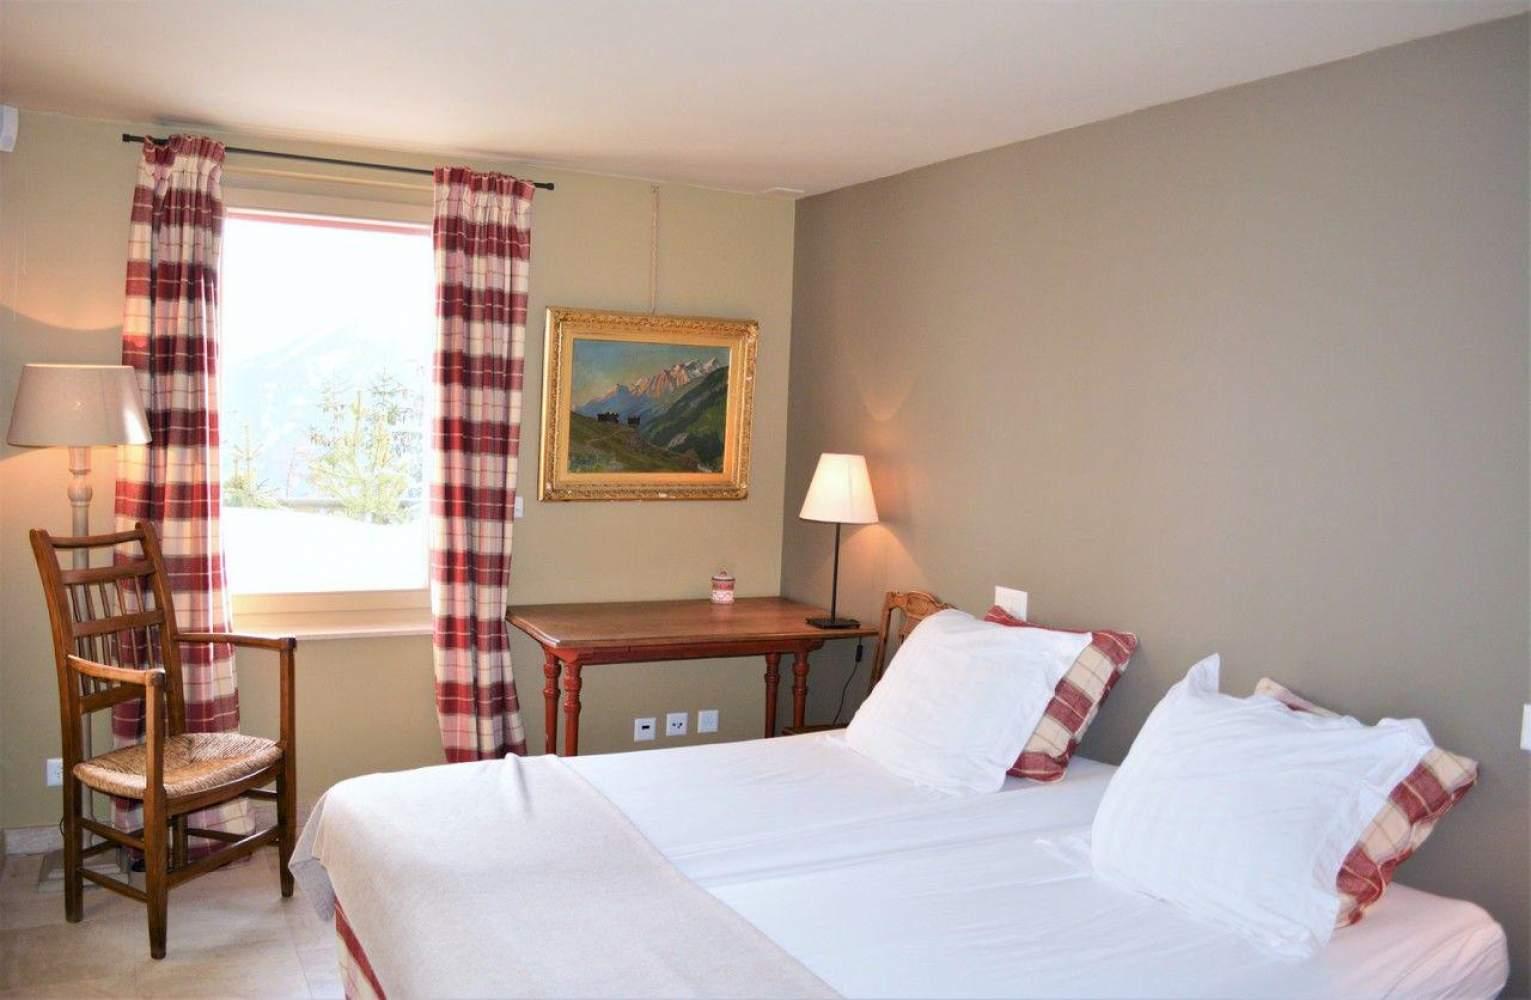 Verbier / Savoleyres : Superbe Chalet 7 chambres sur un terrain de plus de 1'600 m2 picture 10